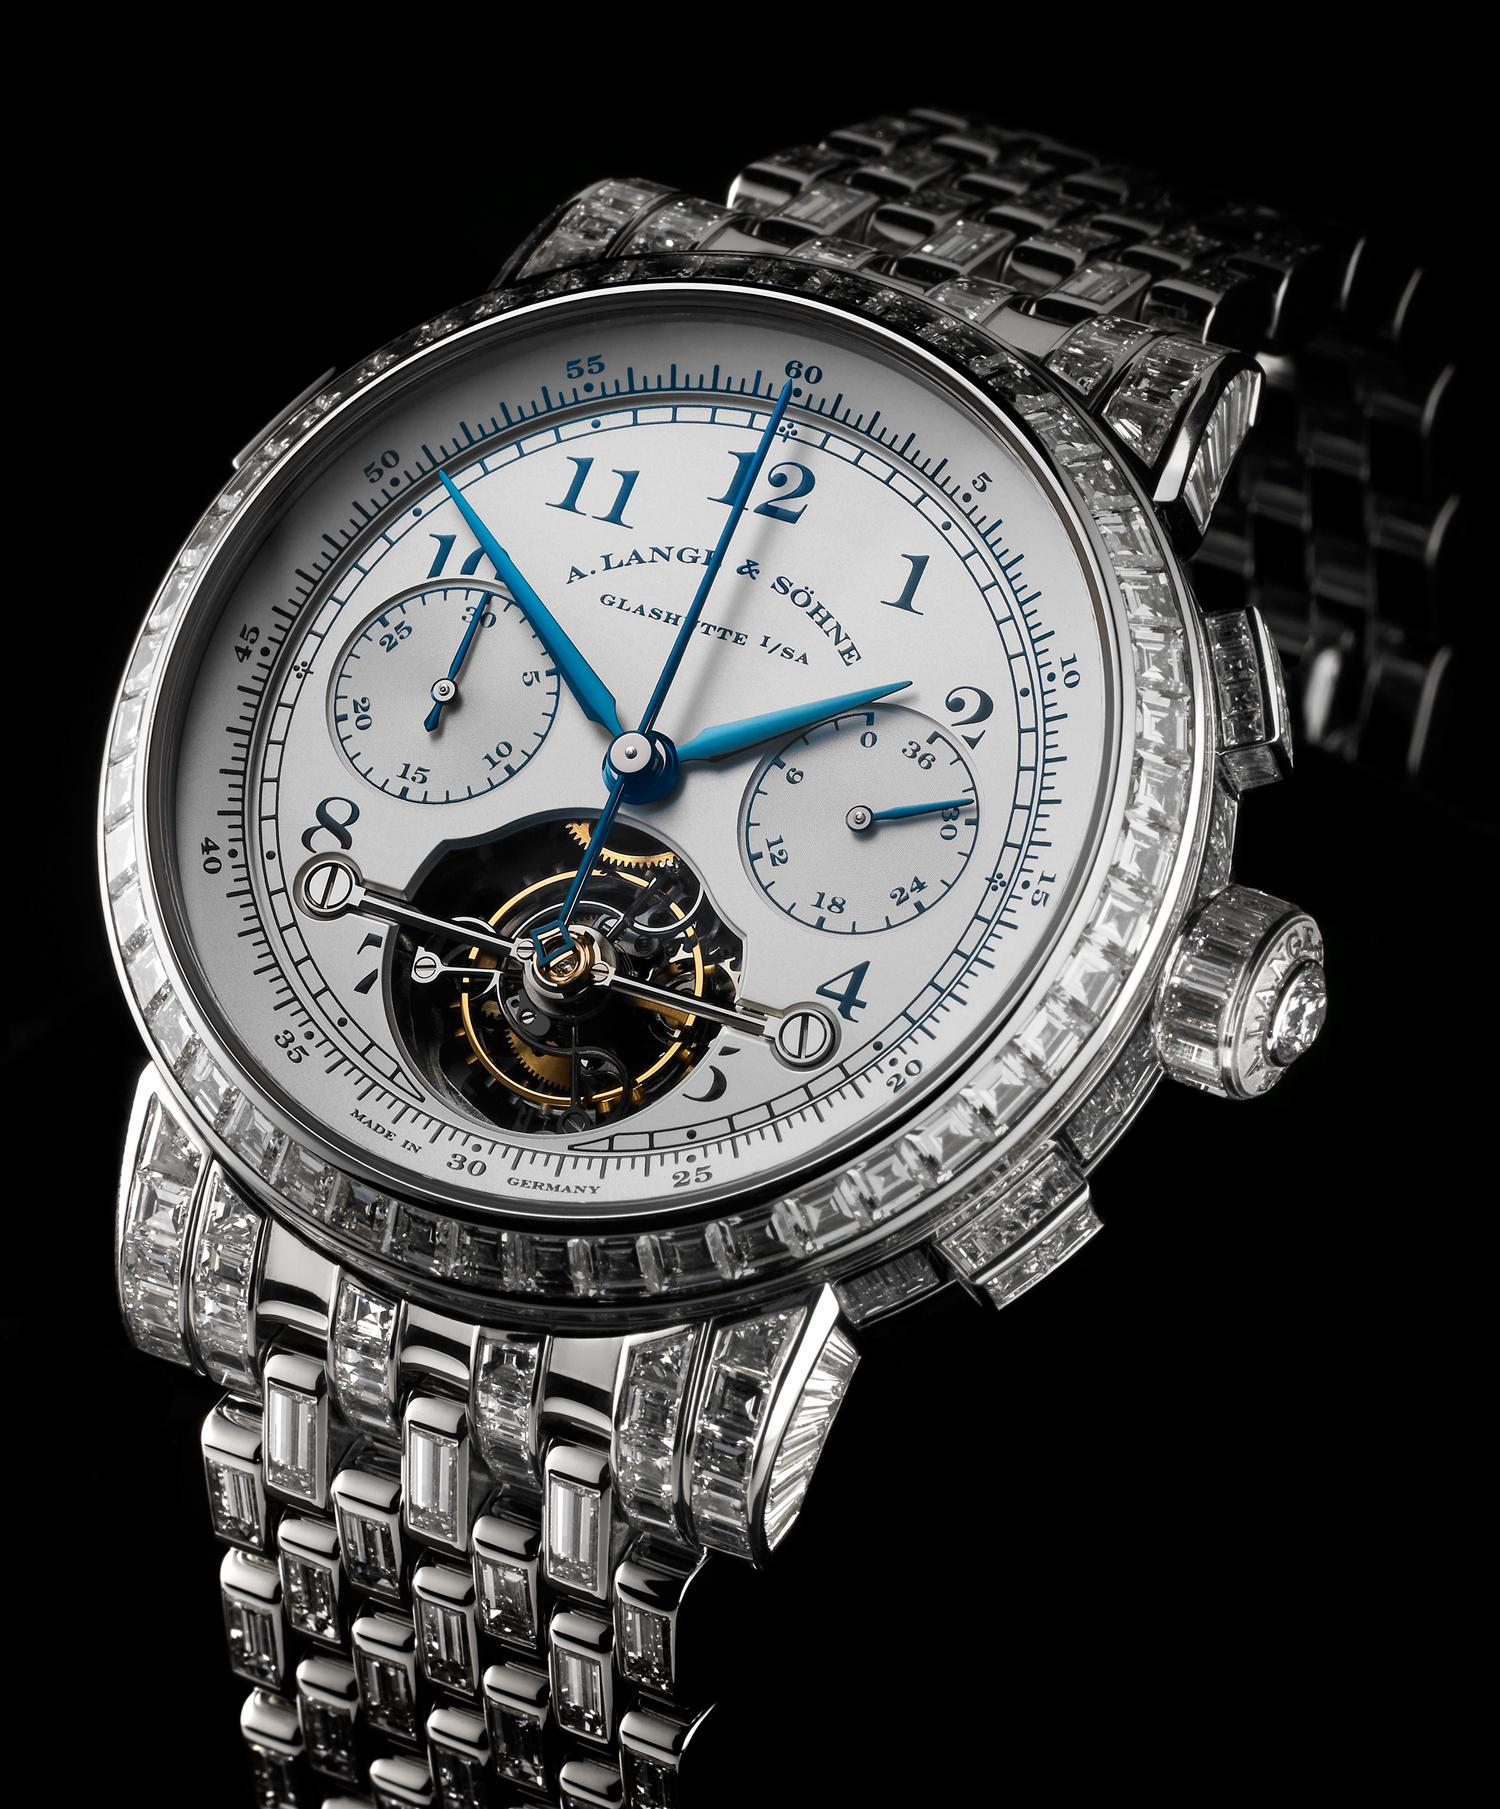 часы A. Lange & Sohne A. Lange & Sohne Dubail Tourbograph «Pour le Merite»